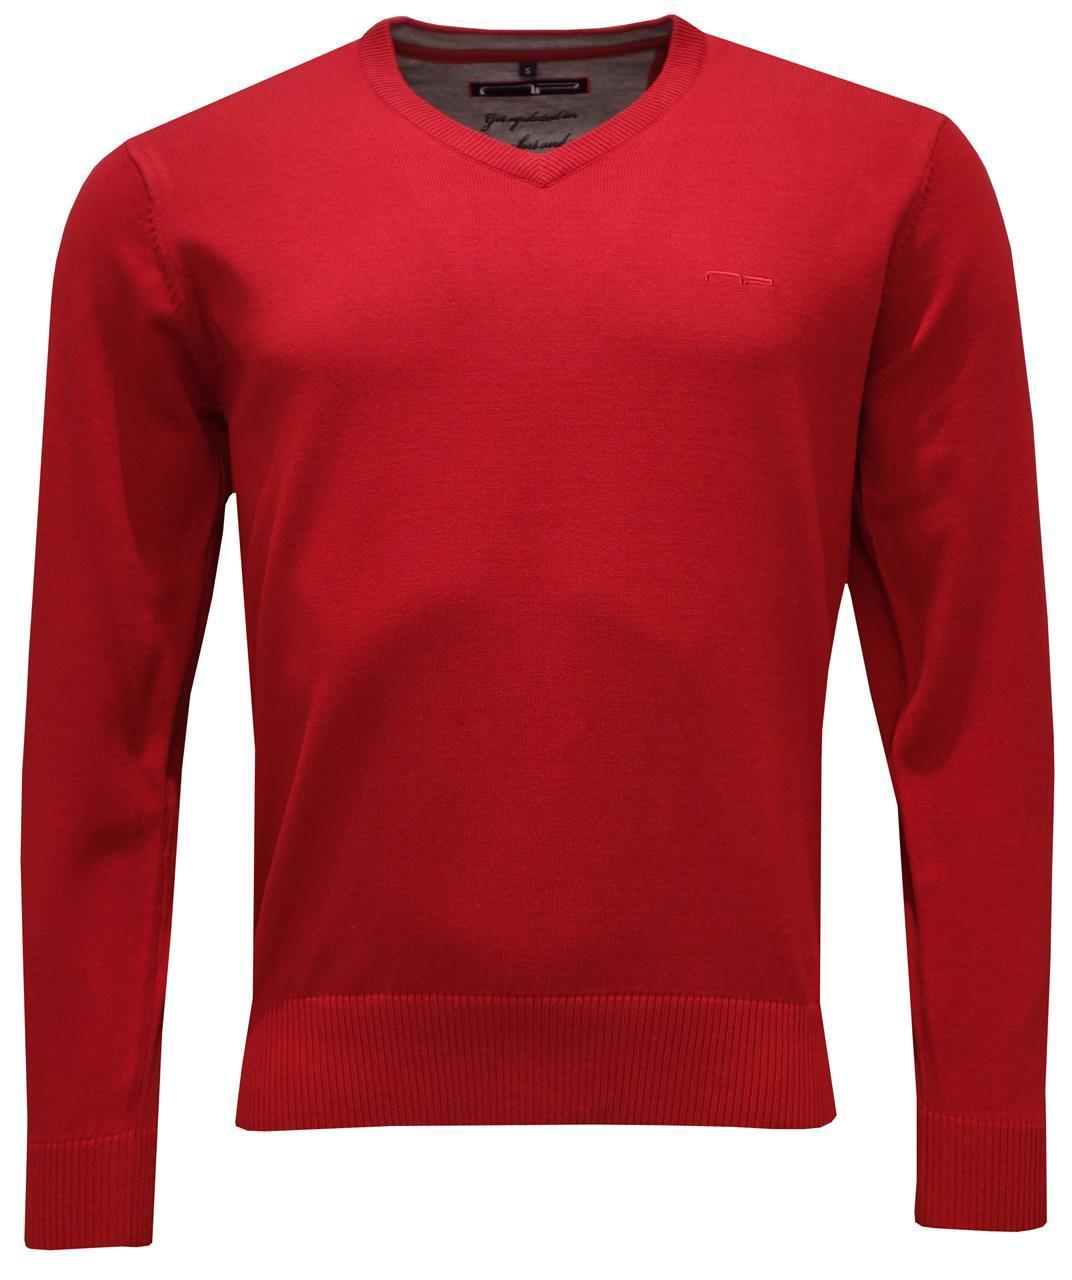 V -neck 1670 Red S